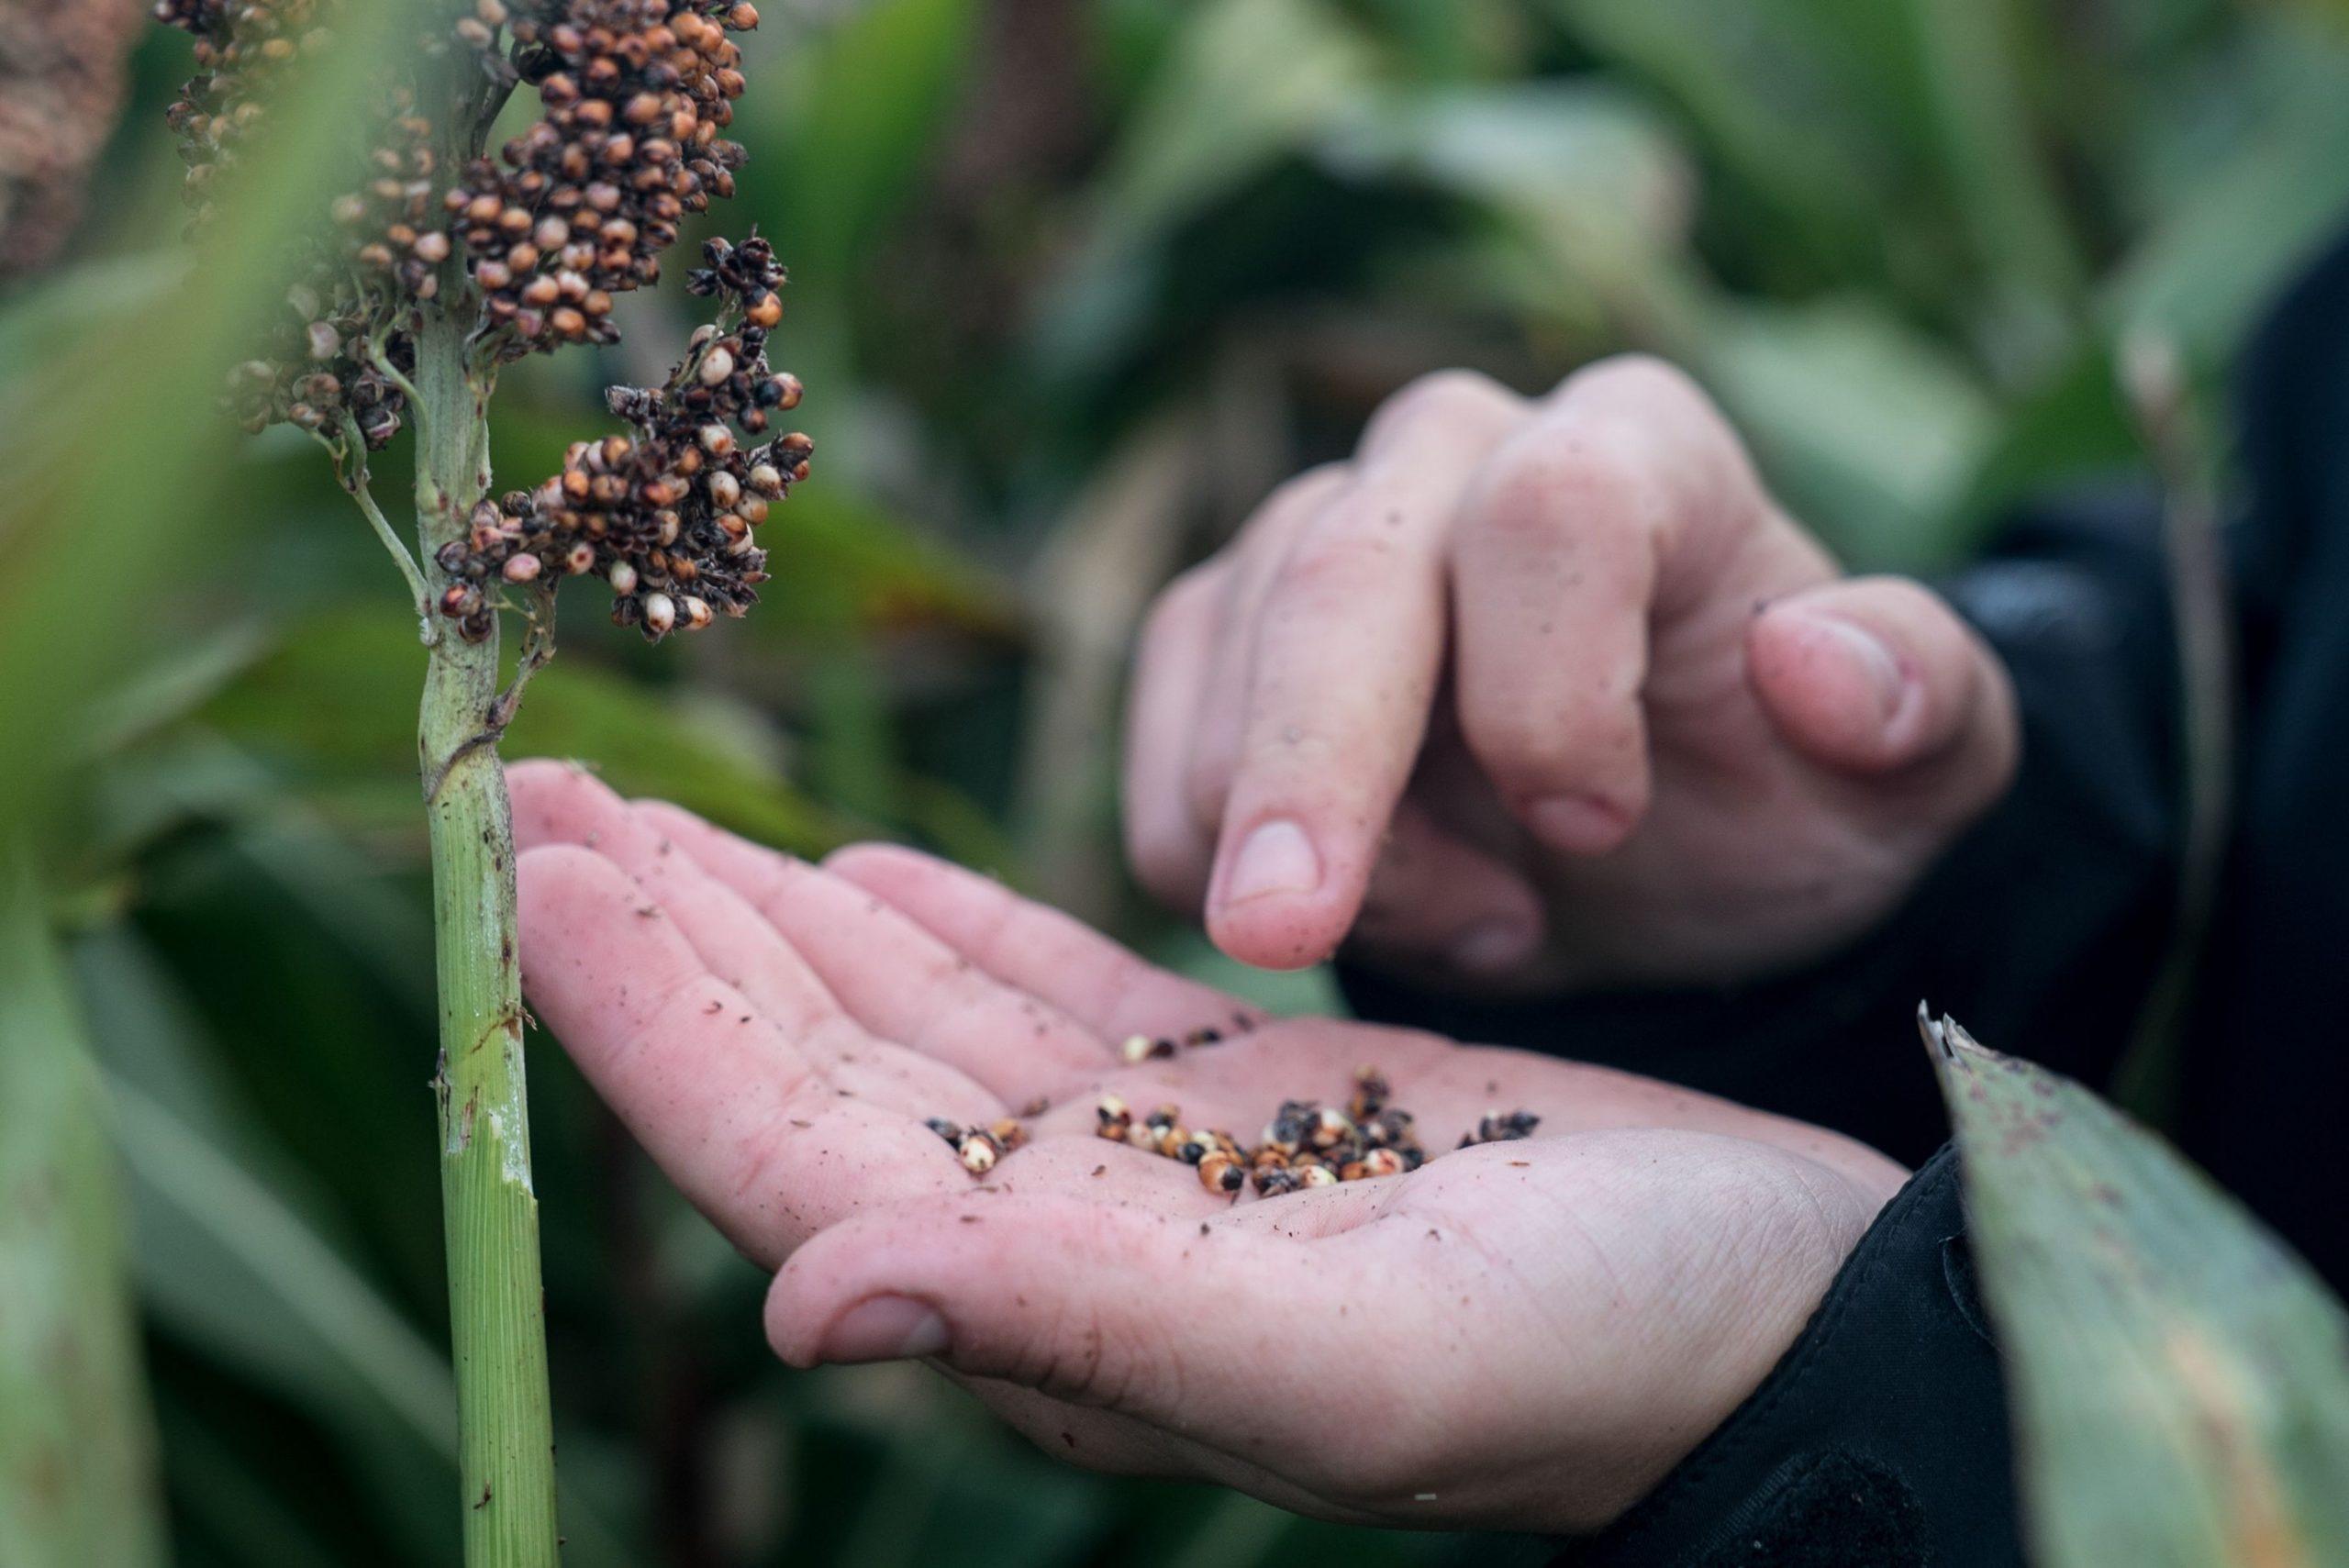 Fortia lanza plataforma: el objetivo es mejorar la rentabilidad agropecuaria